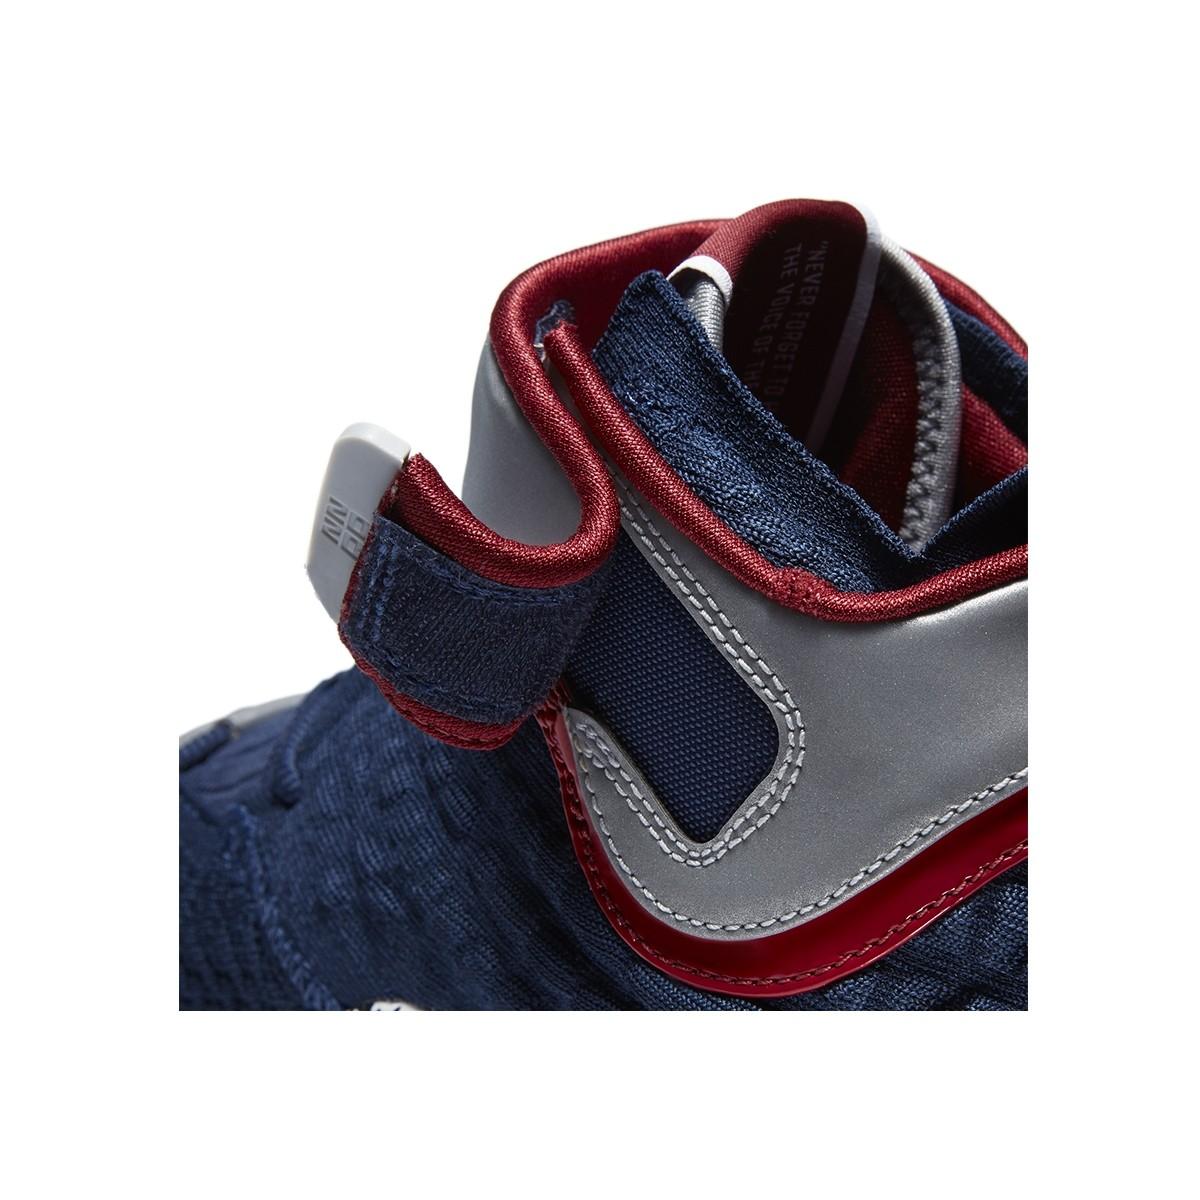 Nike Lebron XVII FP 'Graffiti Remix Blue'-CT6047-400